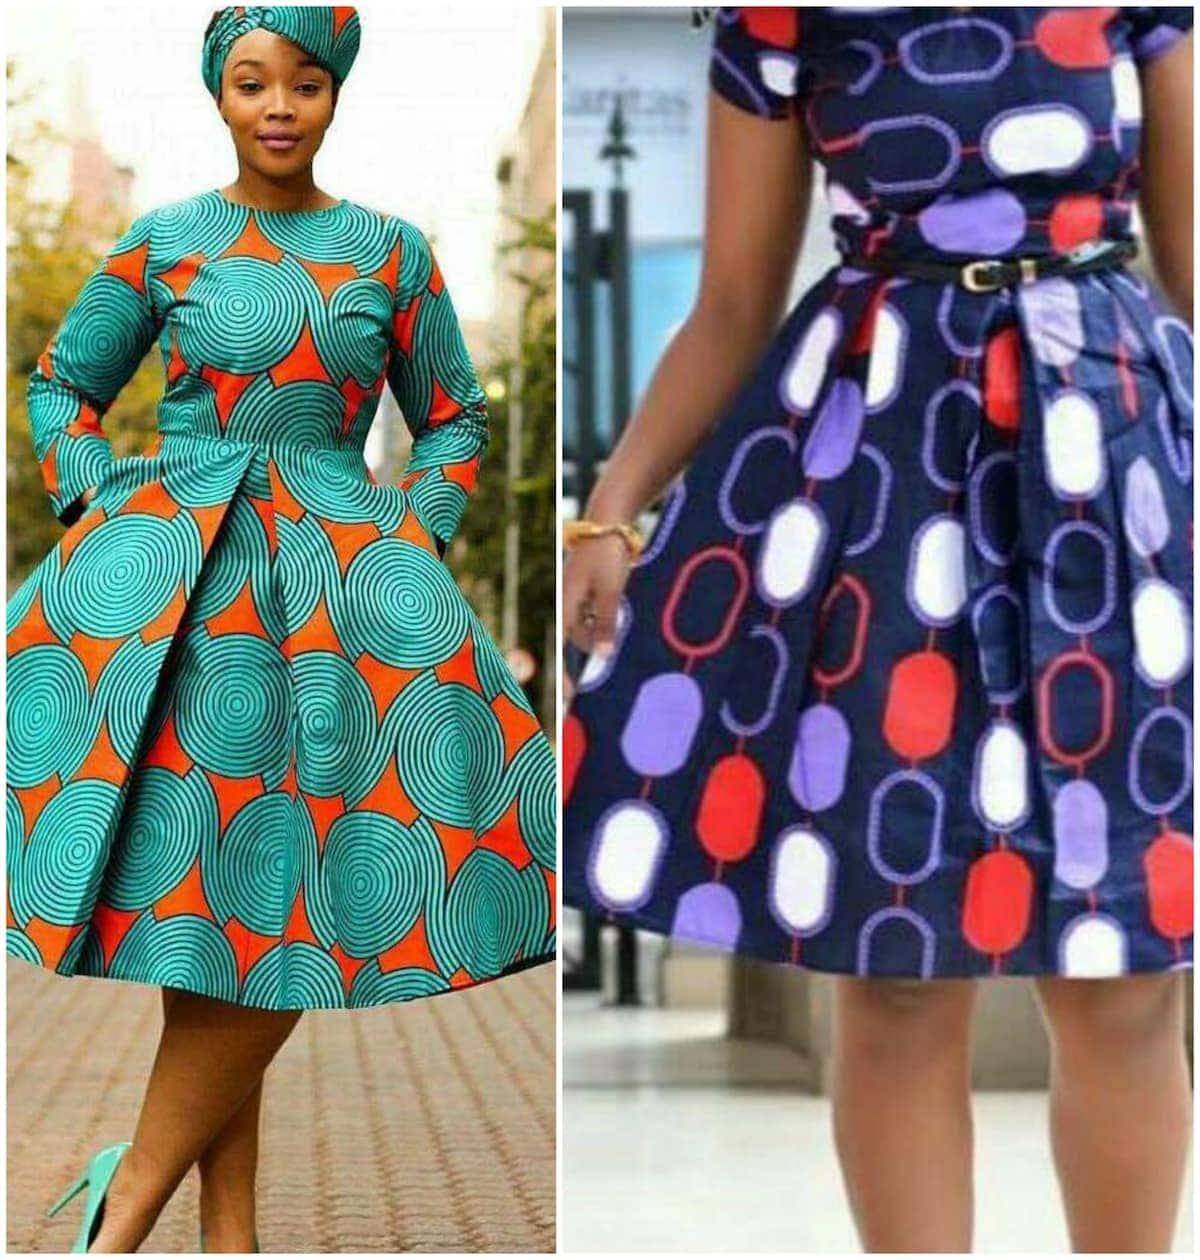 0f7cdbd9d5a Trending African dresses styles 2018 ▷ Tuko.co.ke